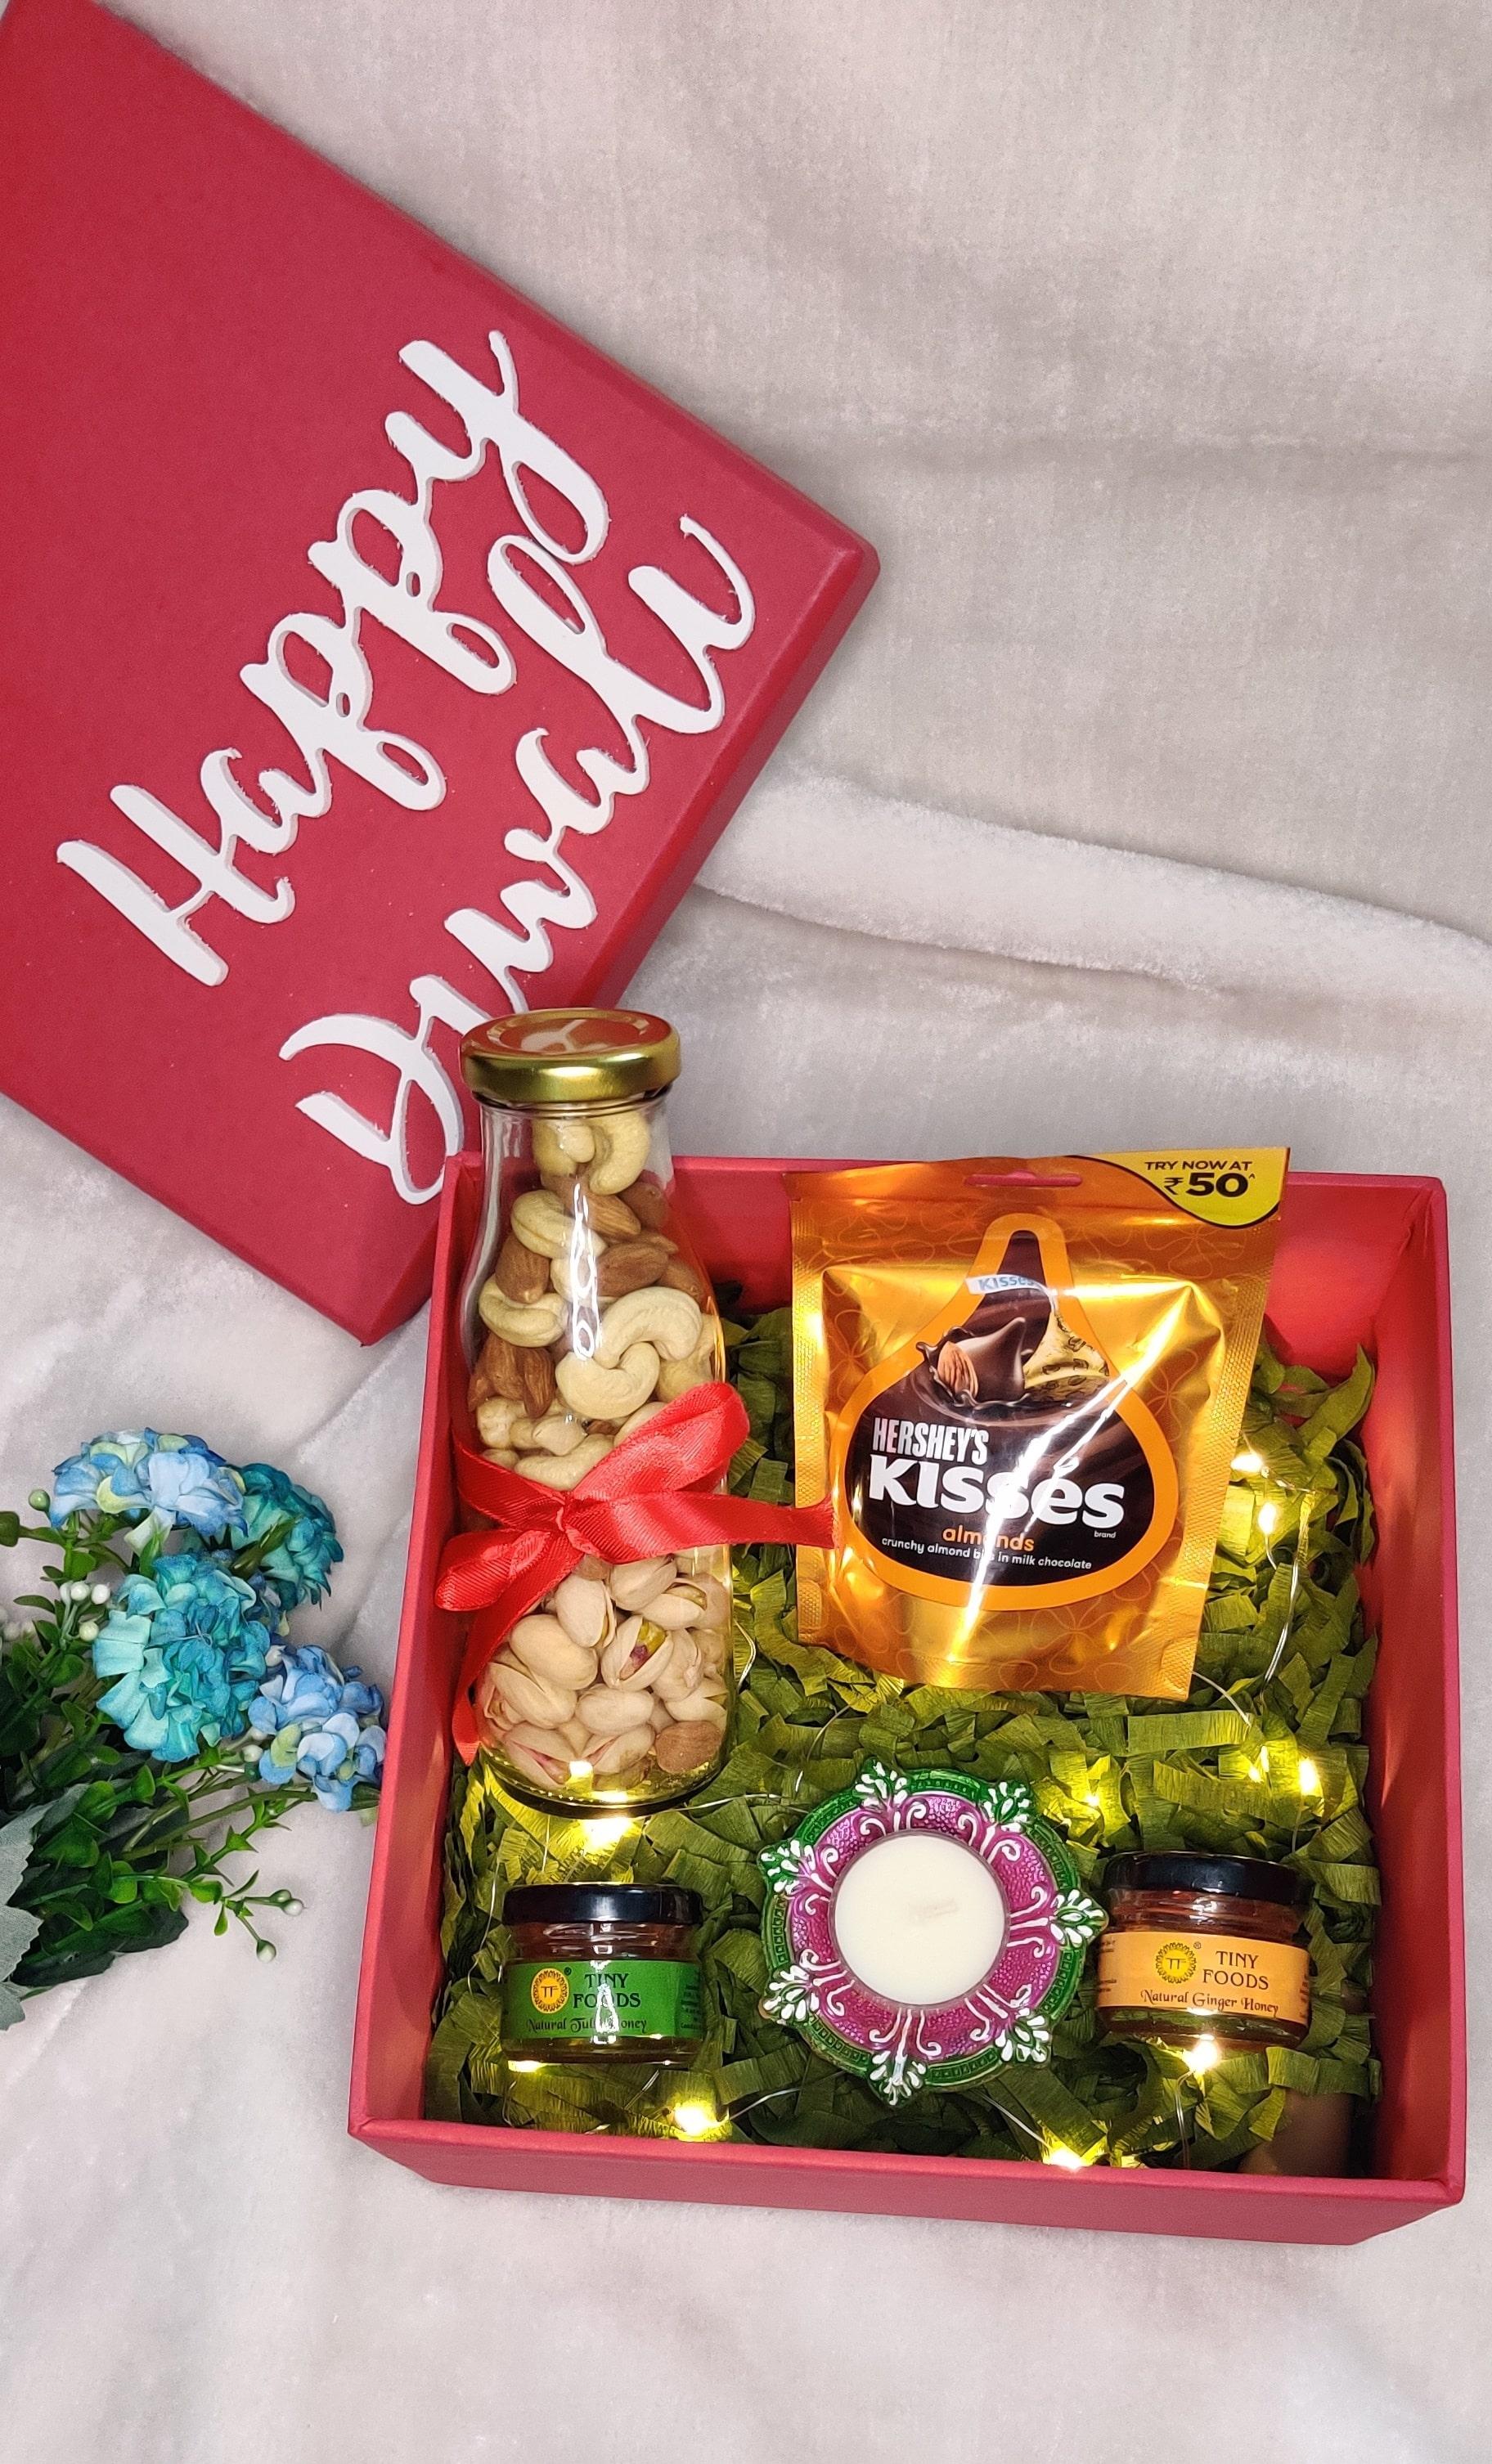 diwali-gift-traditional-nutty-choc.jpg